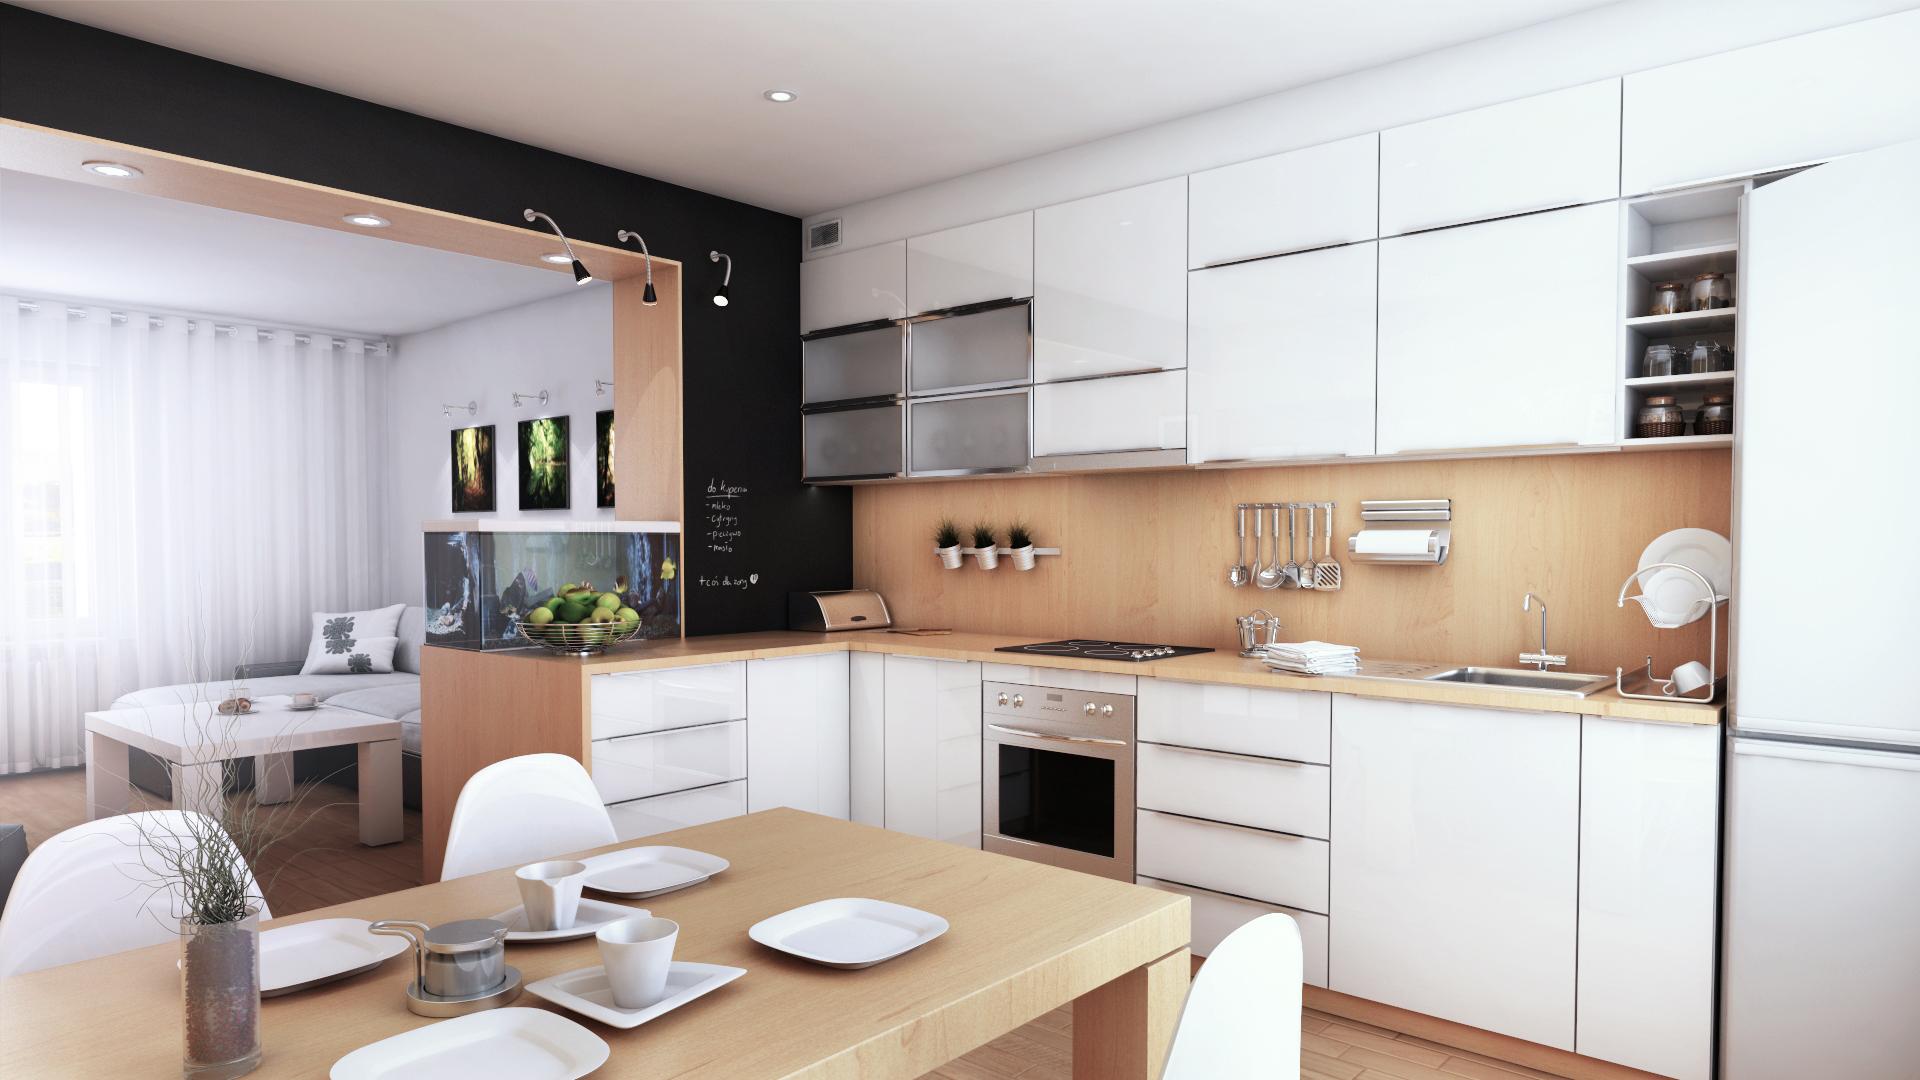 Projekt aranżacja mieszkania w Orzeszu  kuchnia i salon -> Kuchnia Z Salonem Umeblowanie